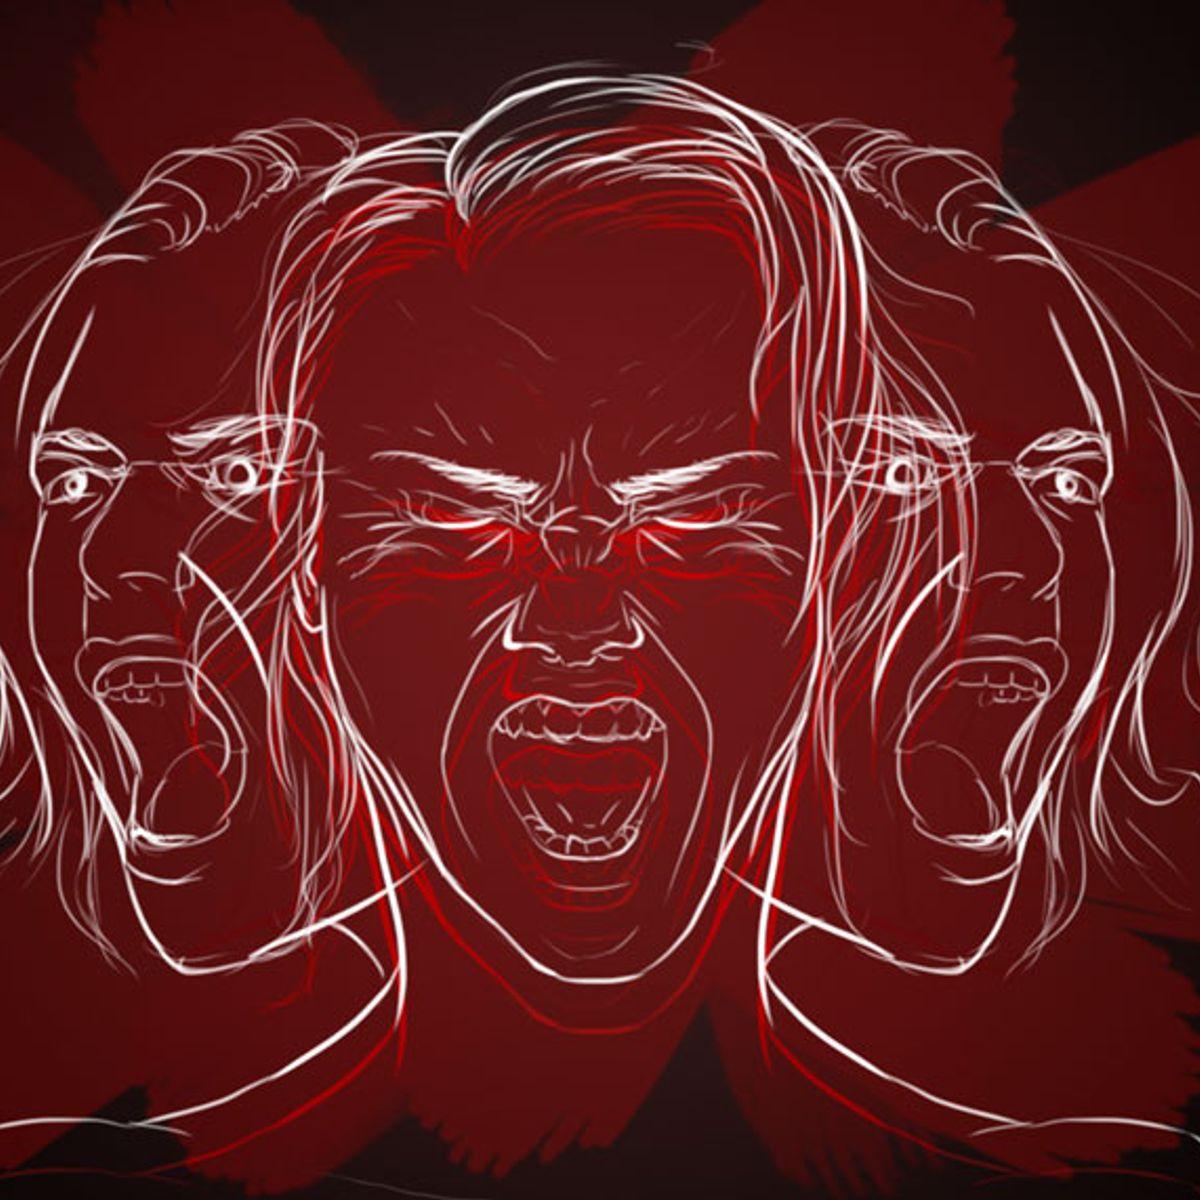 On transfeminine anger